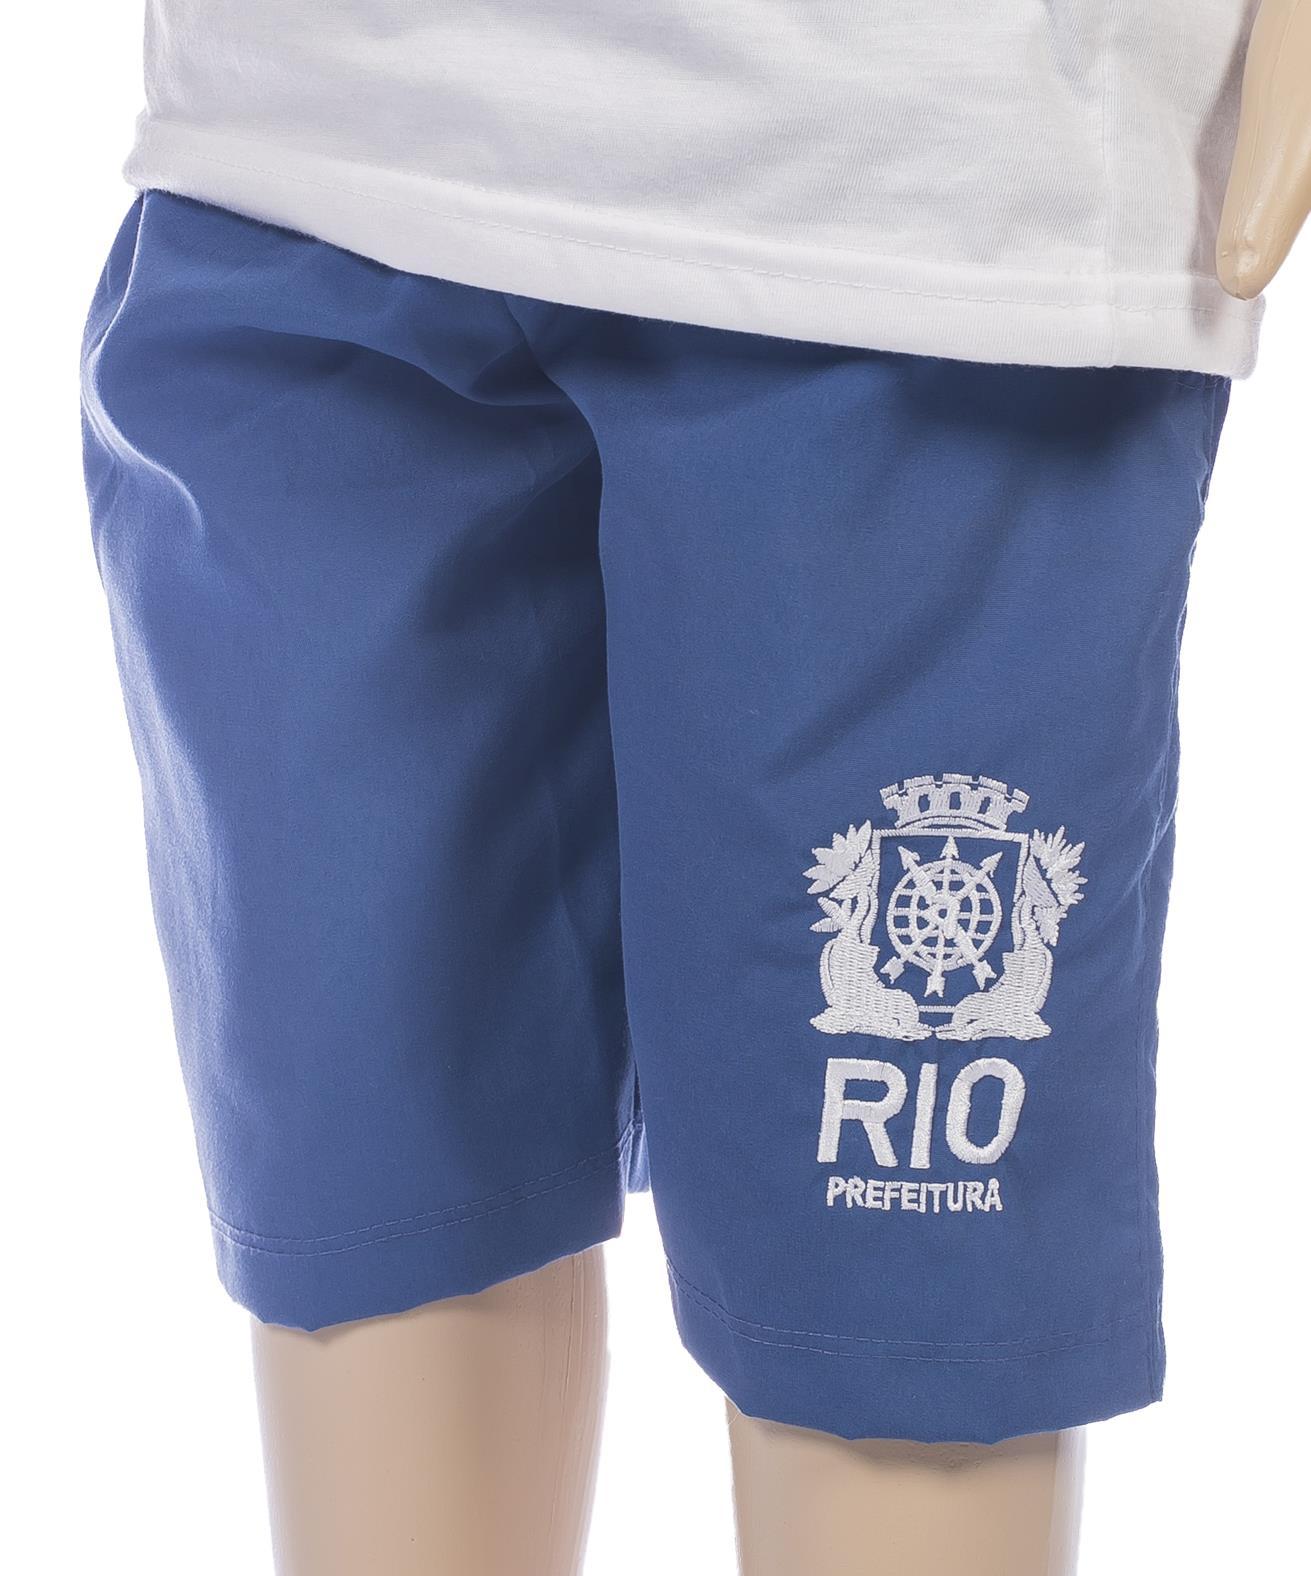 1141 - terra brasil copiar